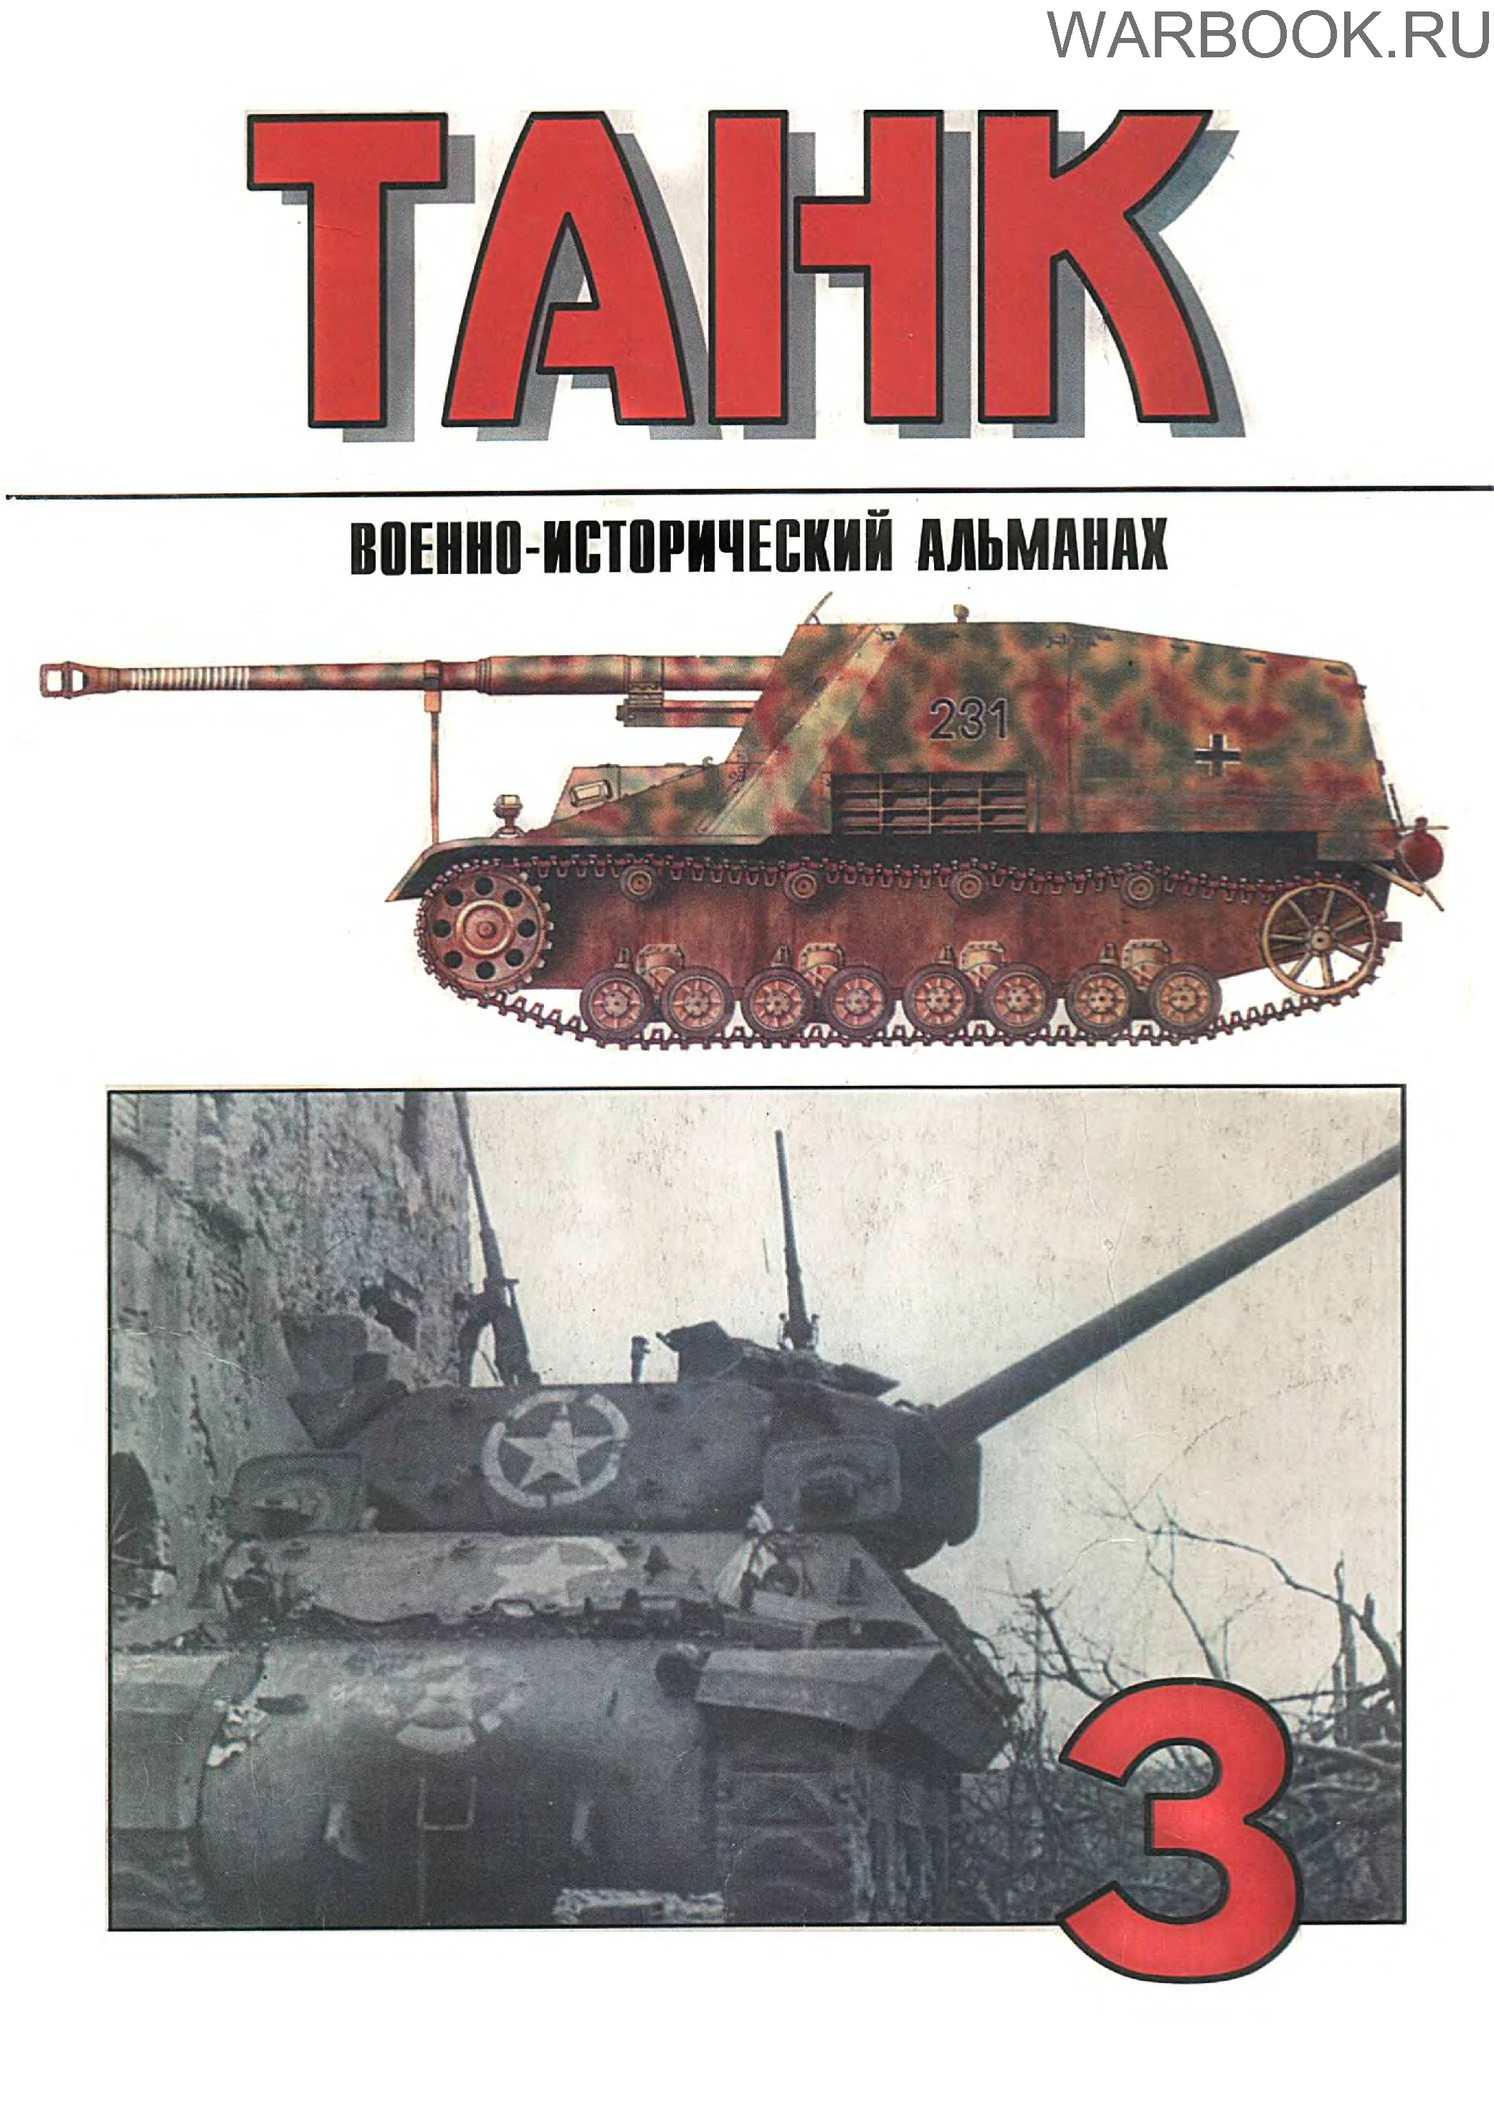 Танк 03 - Полугусеничный БТР M3 ч1